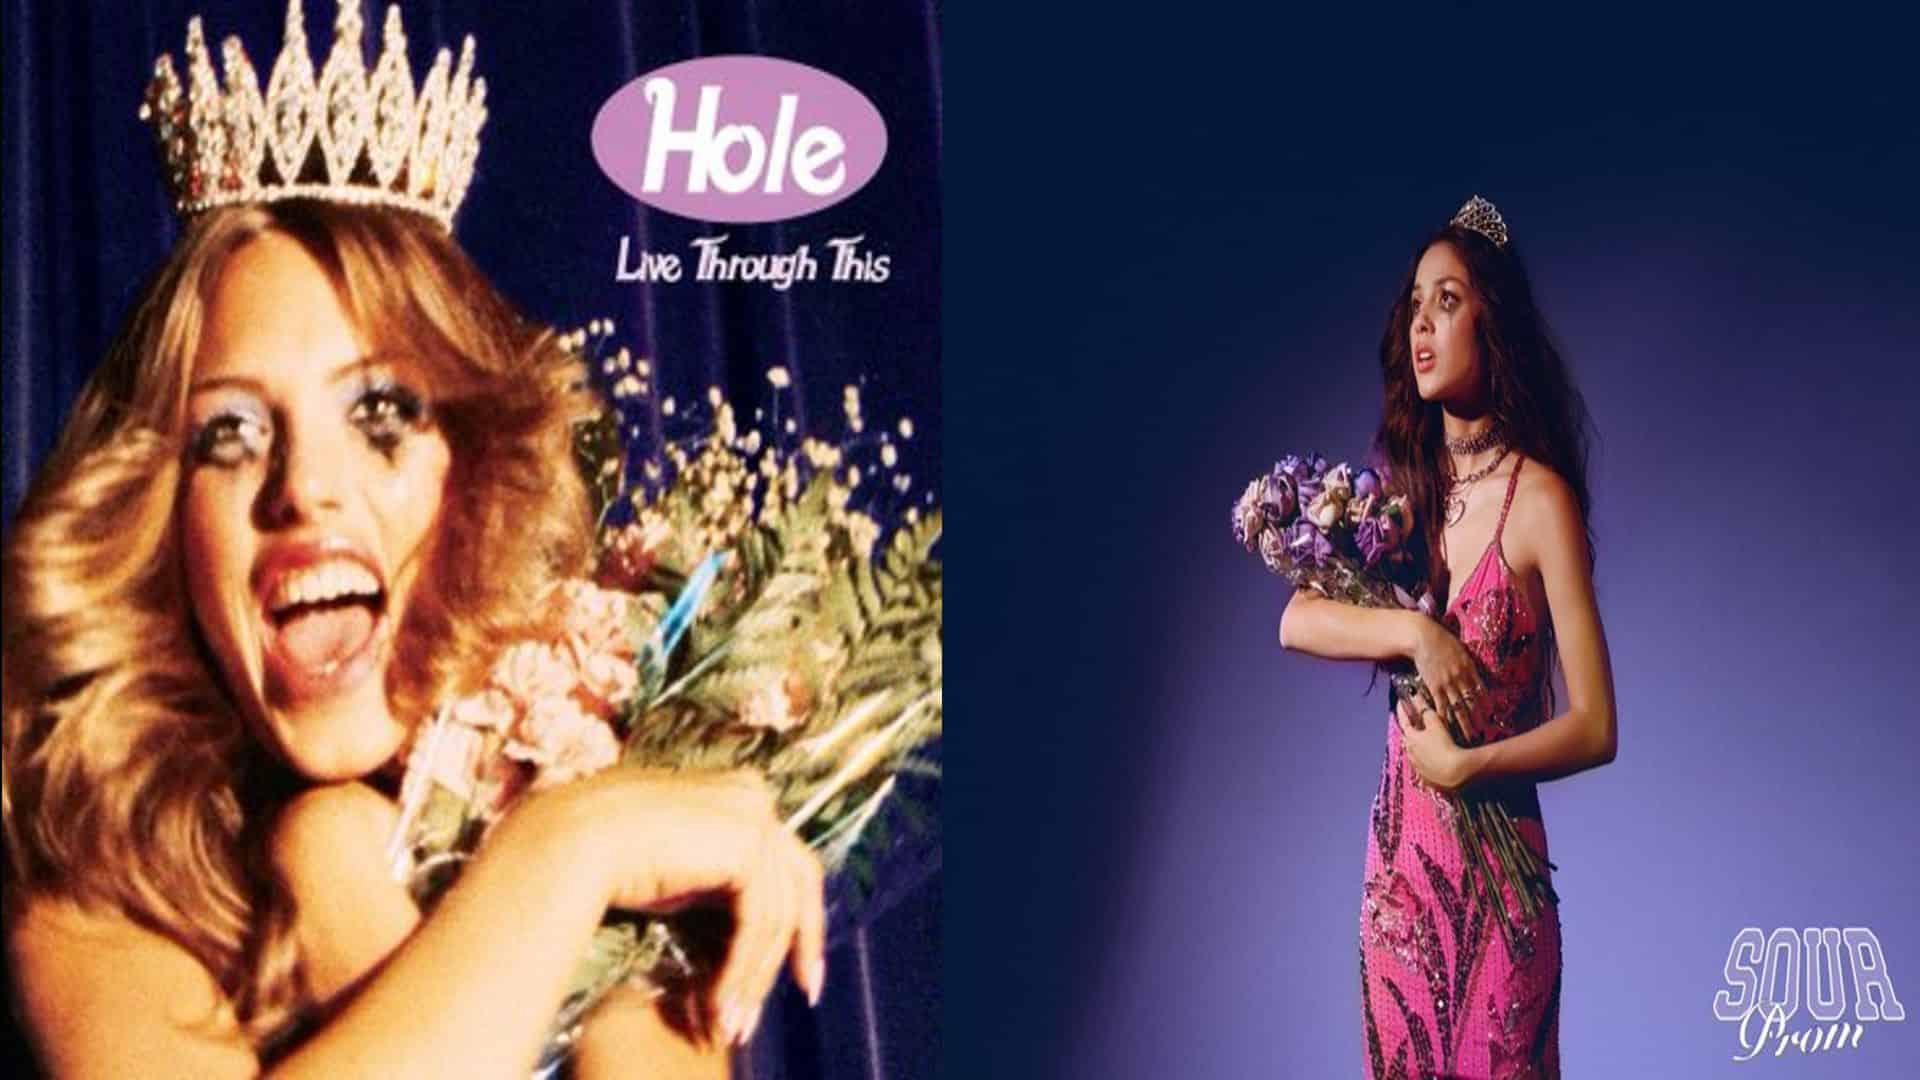 Courtney Love 's Live Through This and Olivia Rodrigo's Sour Prom